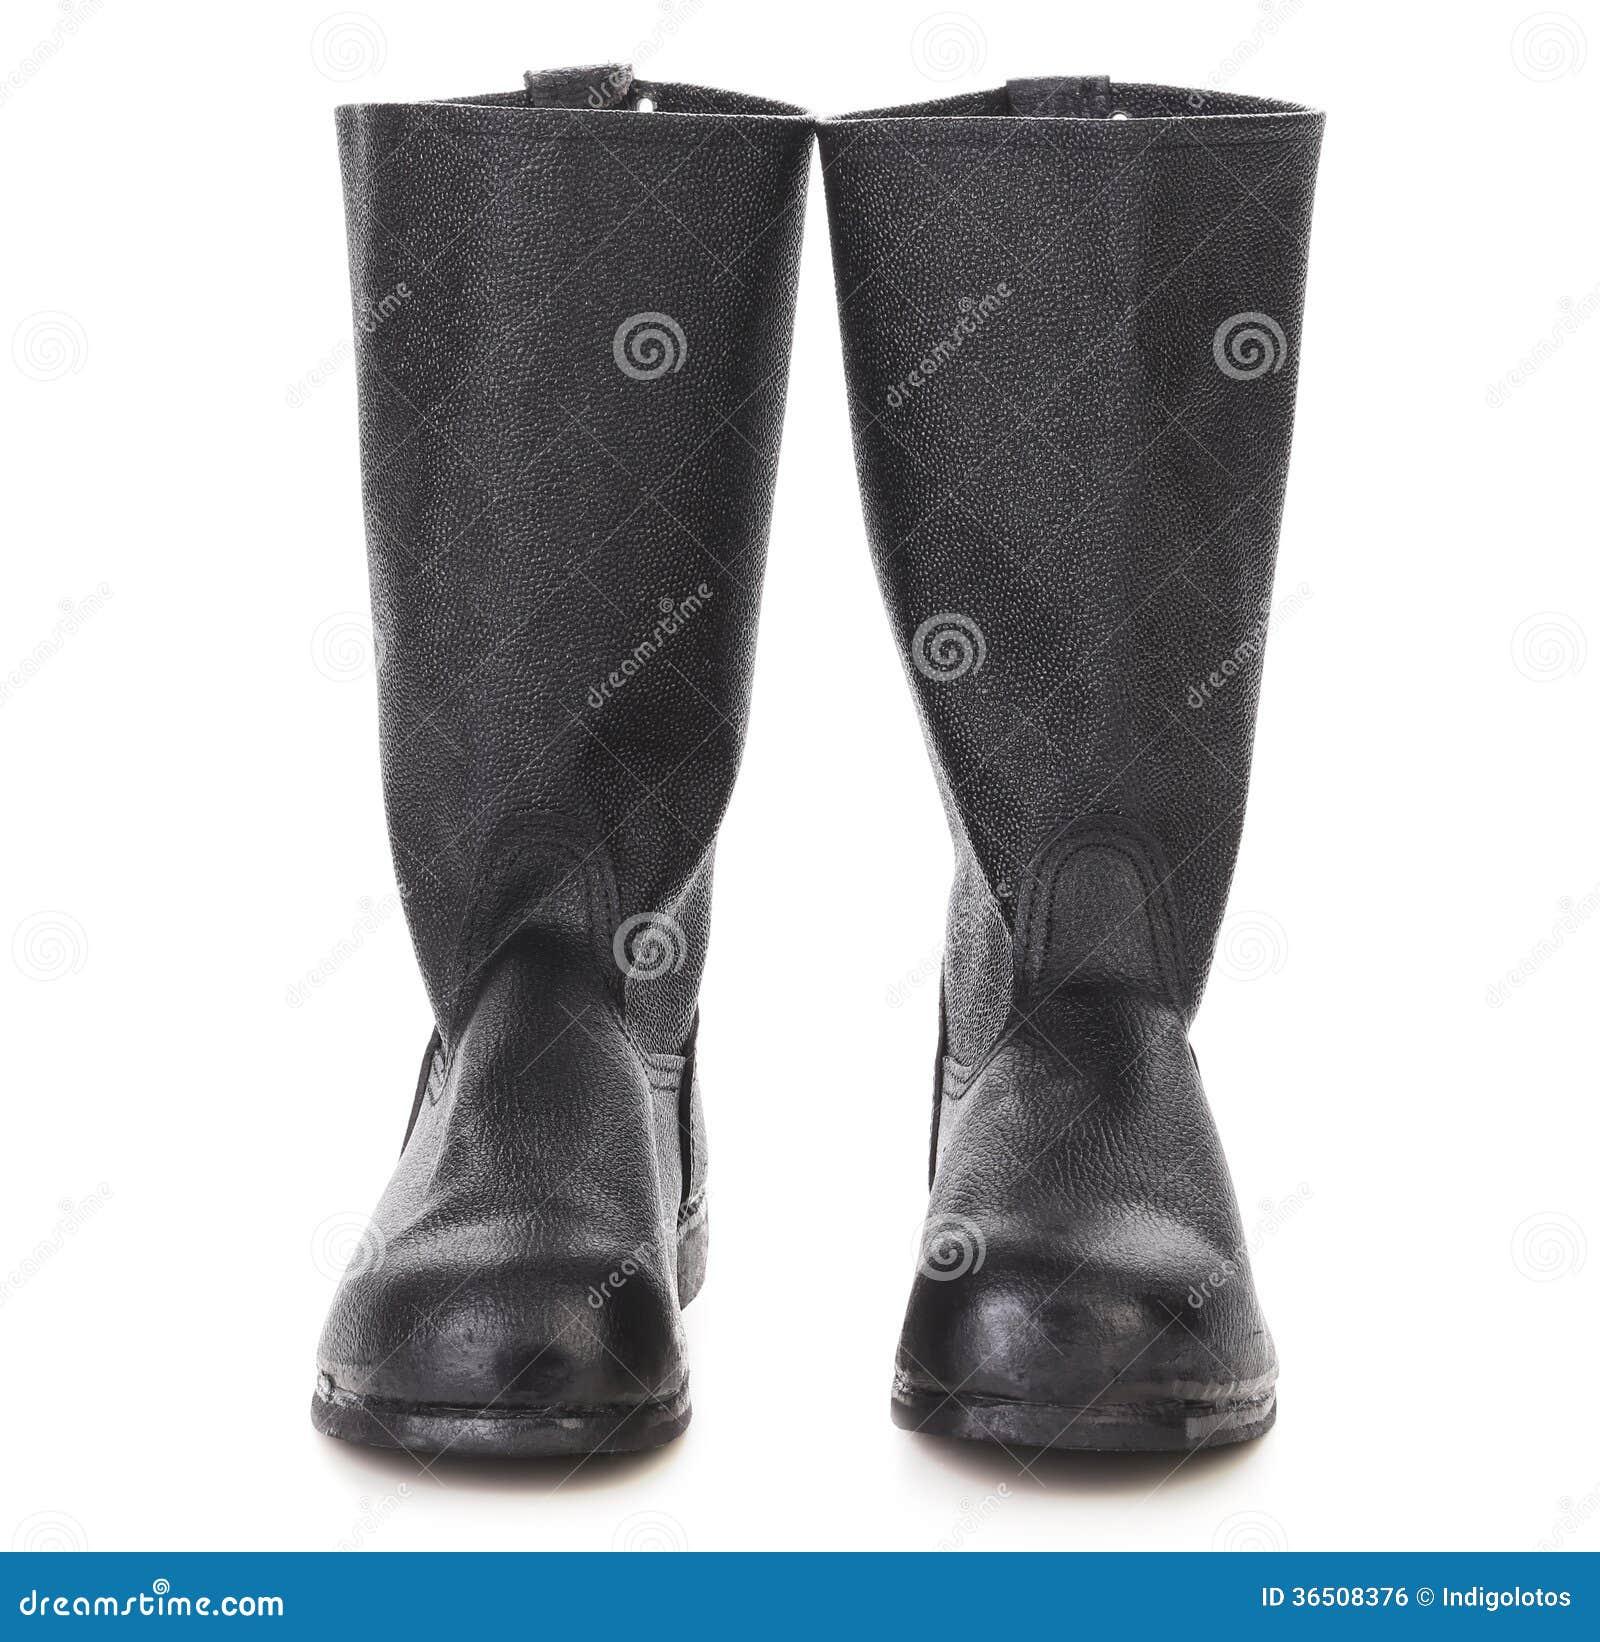 Couleur noire de hautes bottes.